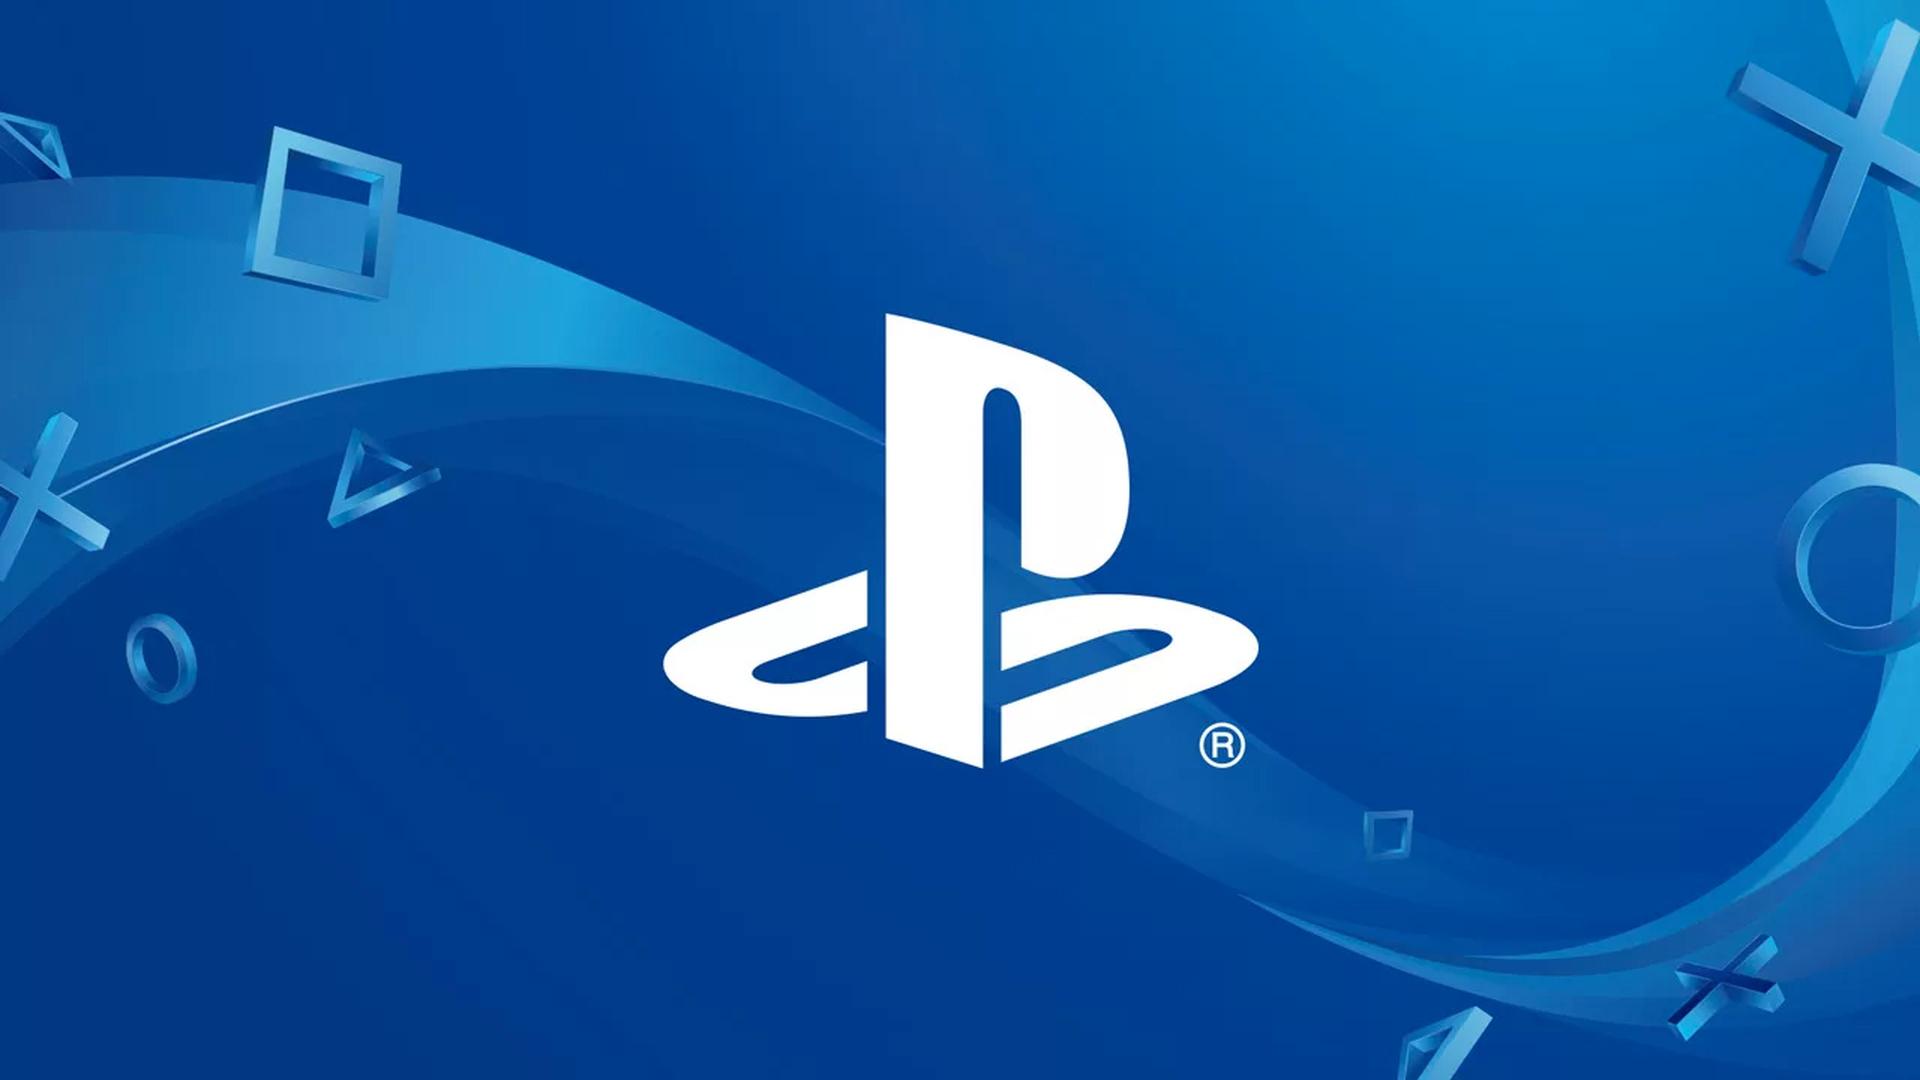 Логотип PlayStation 5 побил рекорд по количеству лайков в Instagram